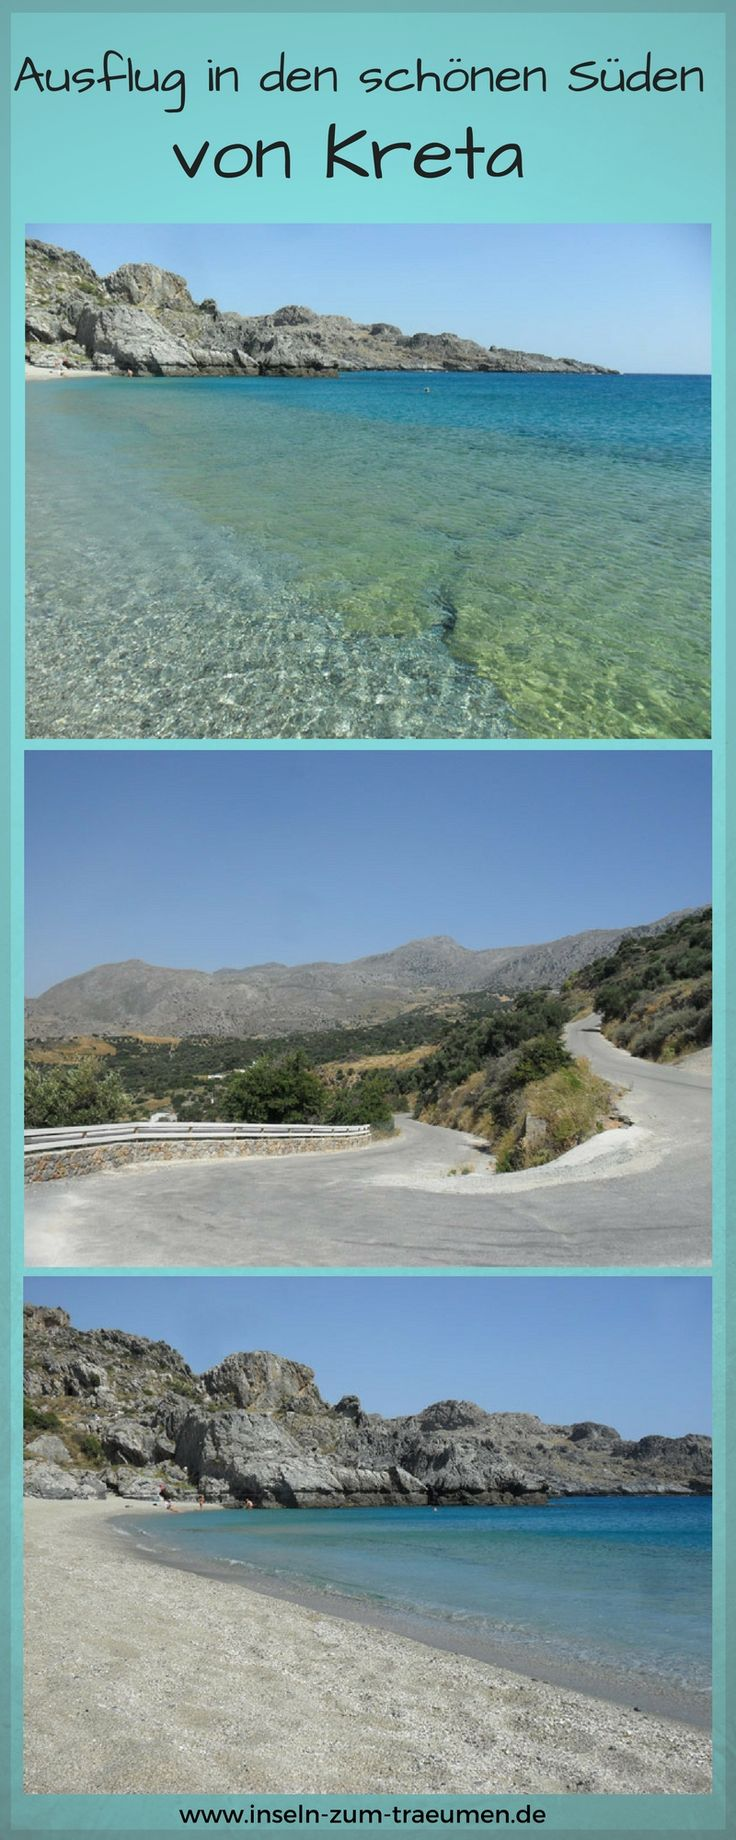 Ausflug in den schönen Süden, Insel Kreta, Damnoni Bay, Griechenland, Greece